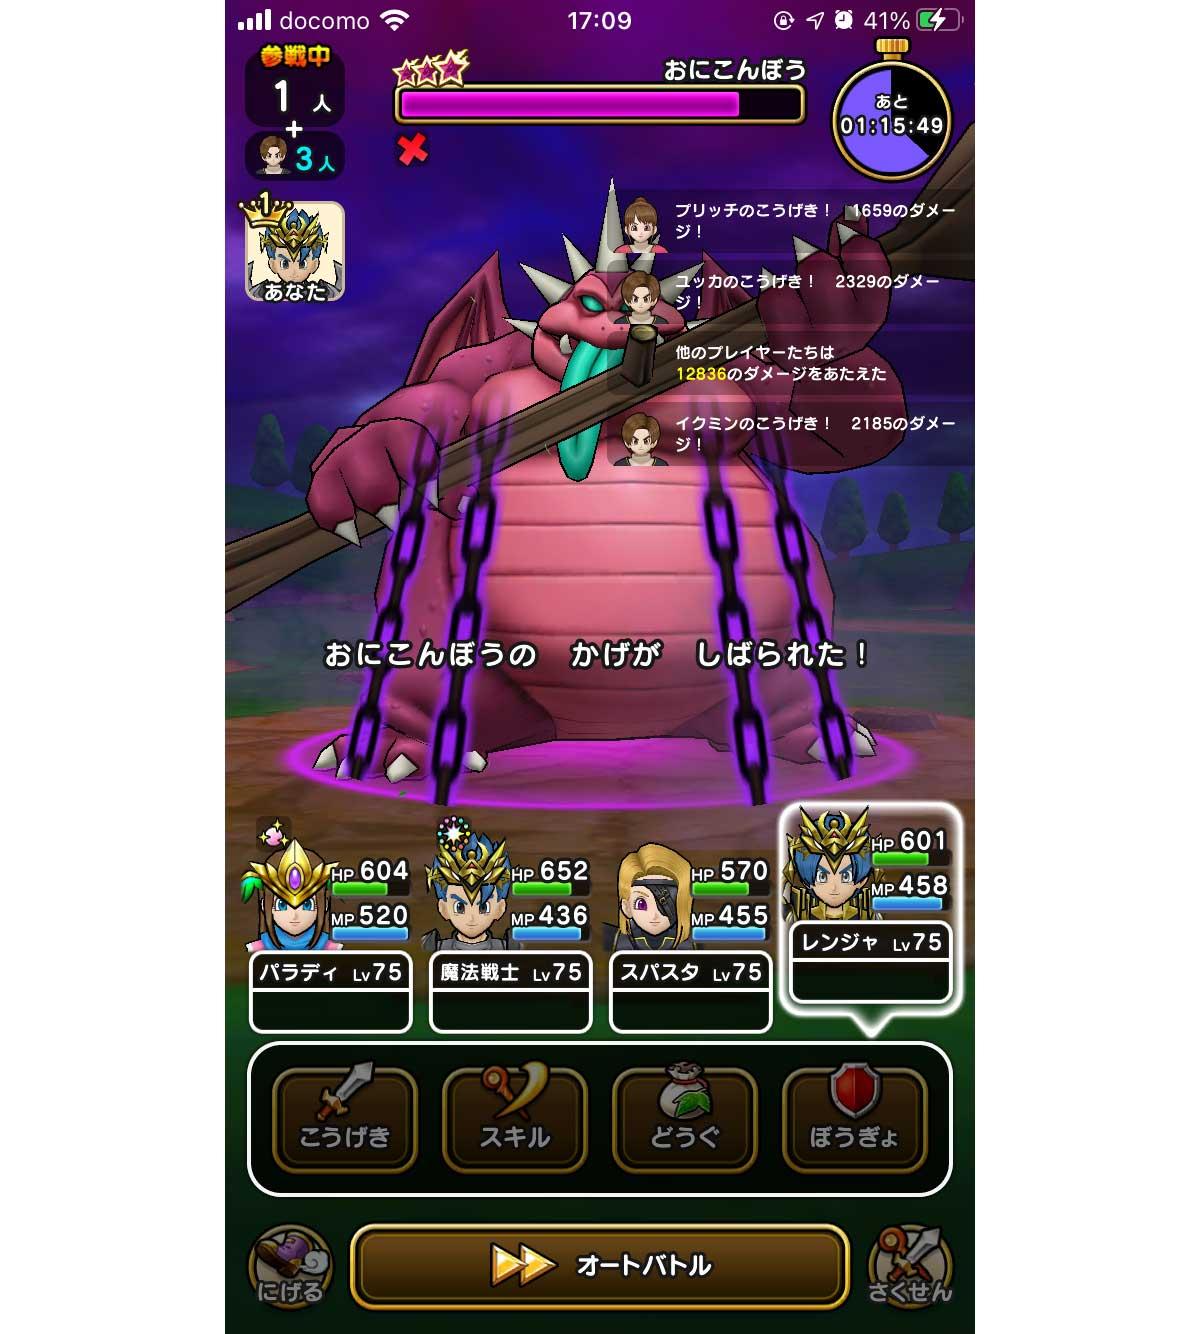 おにこんぼうに勝てない人への安定攻略法!スーパースターをメガモン戦に活用しフルオートで鬼棍棒を倒そうう! dragonquest-walk-onikonbo-img_5820